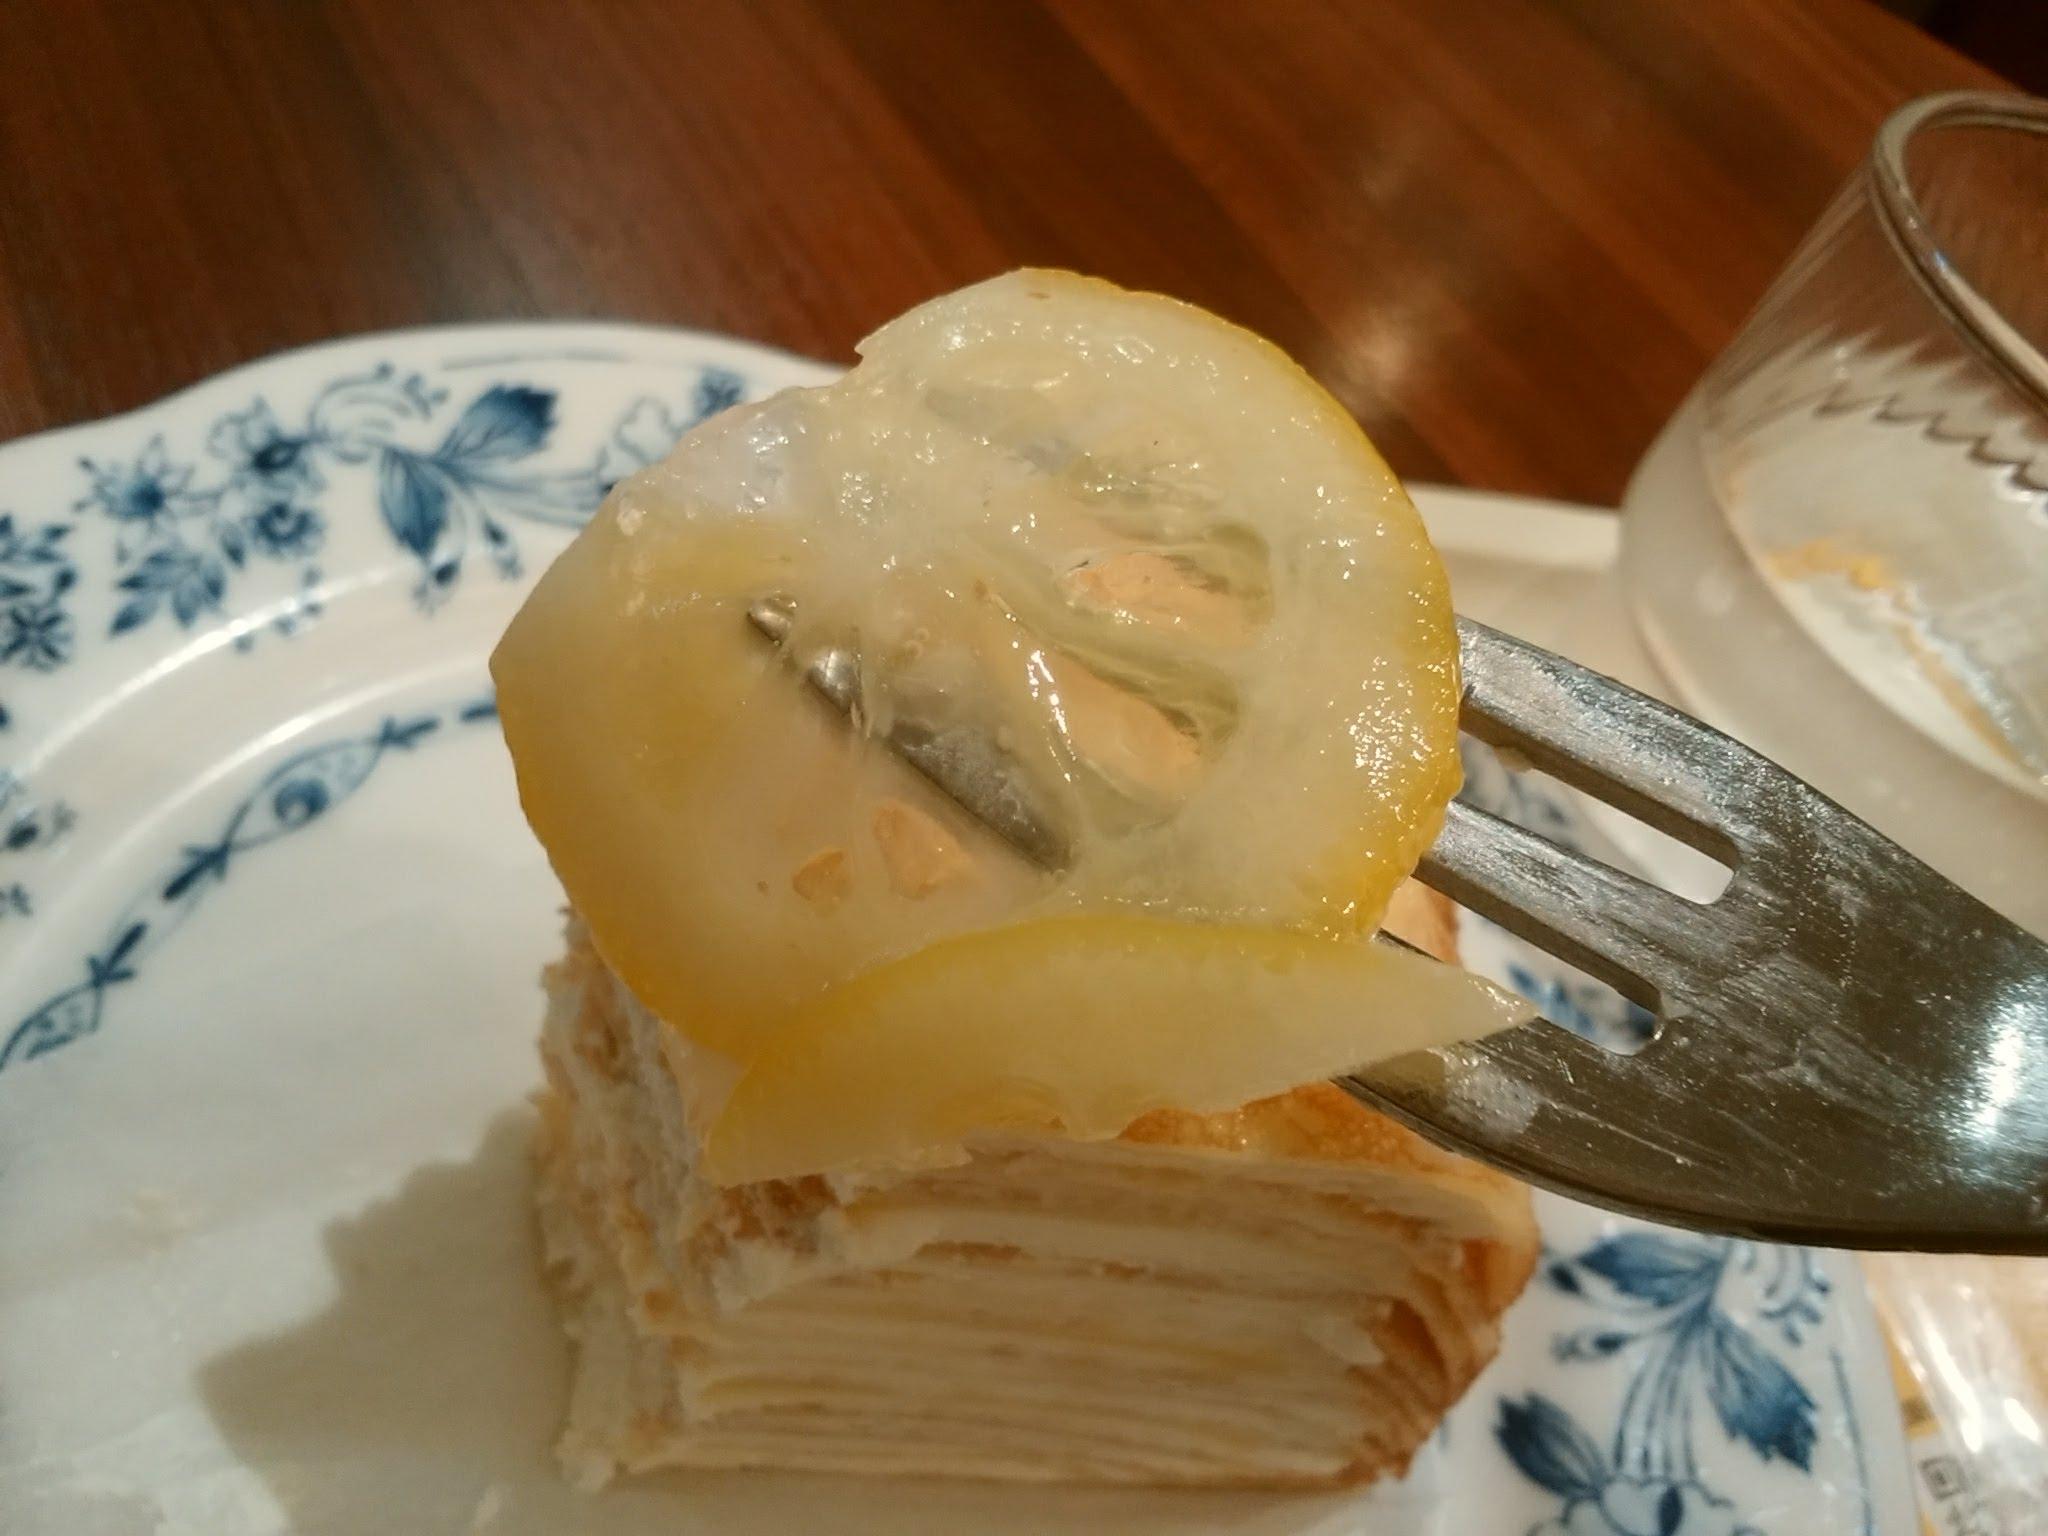 レモンのミルクレープ